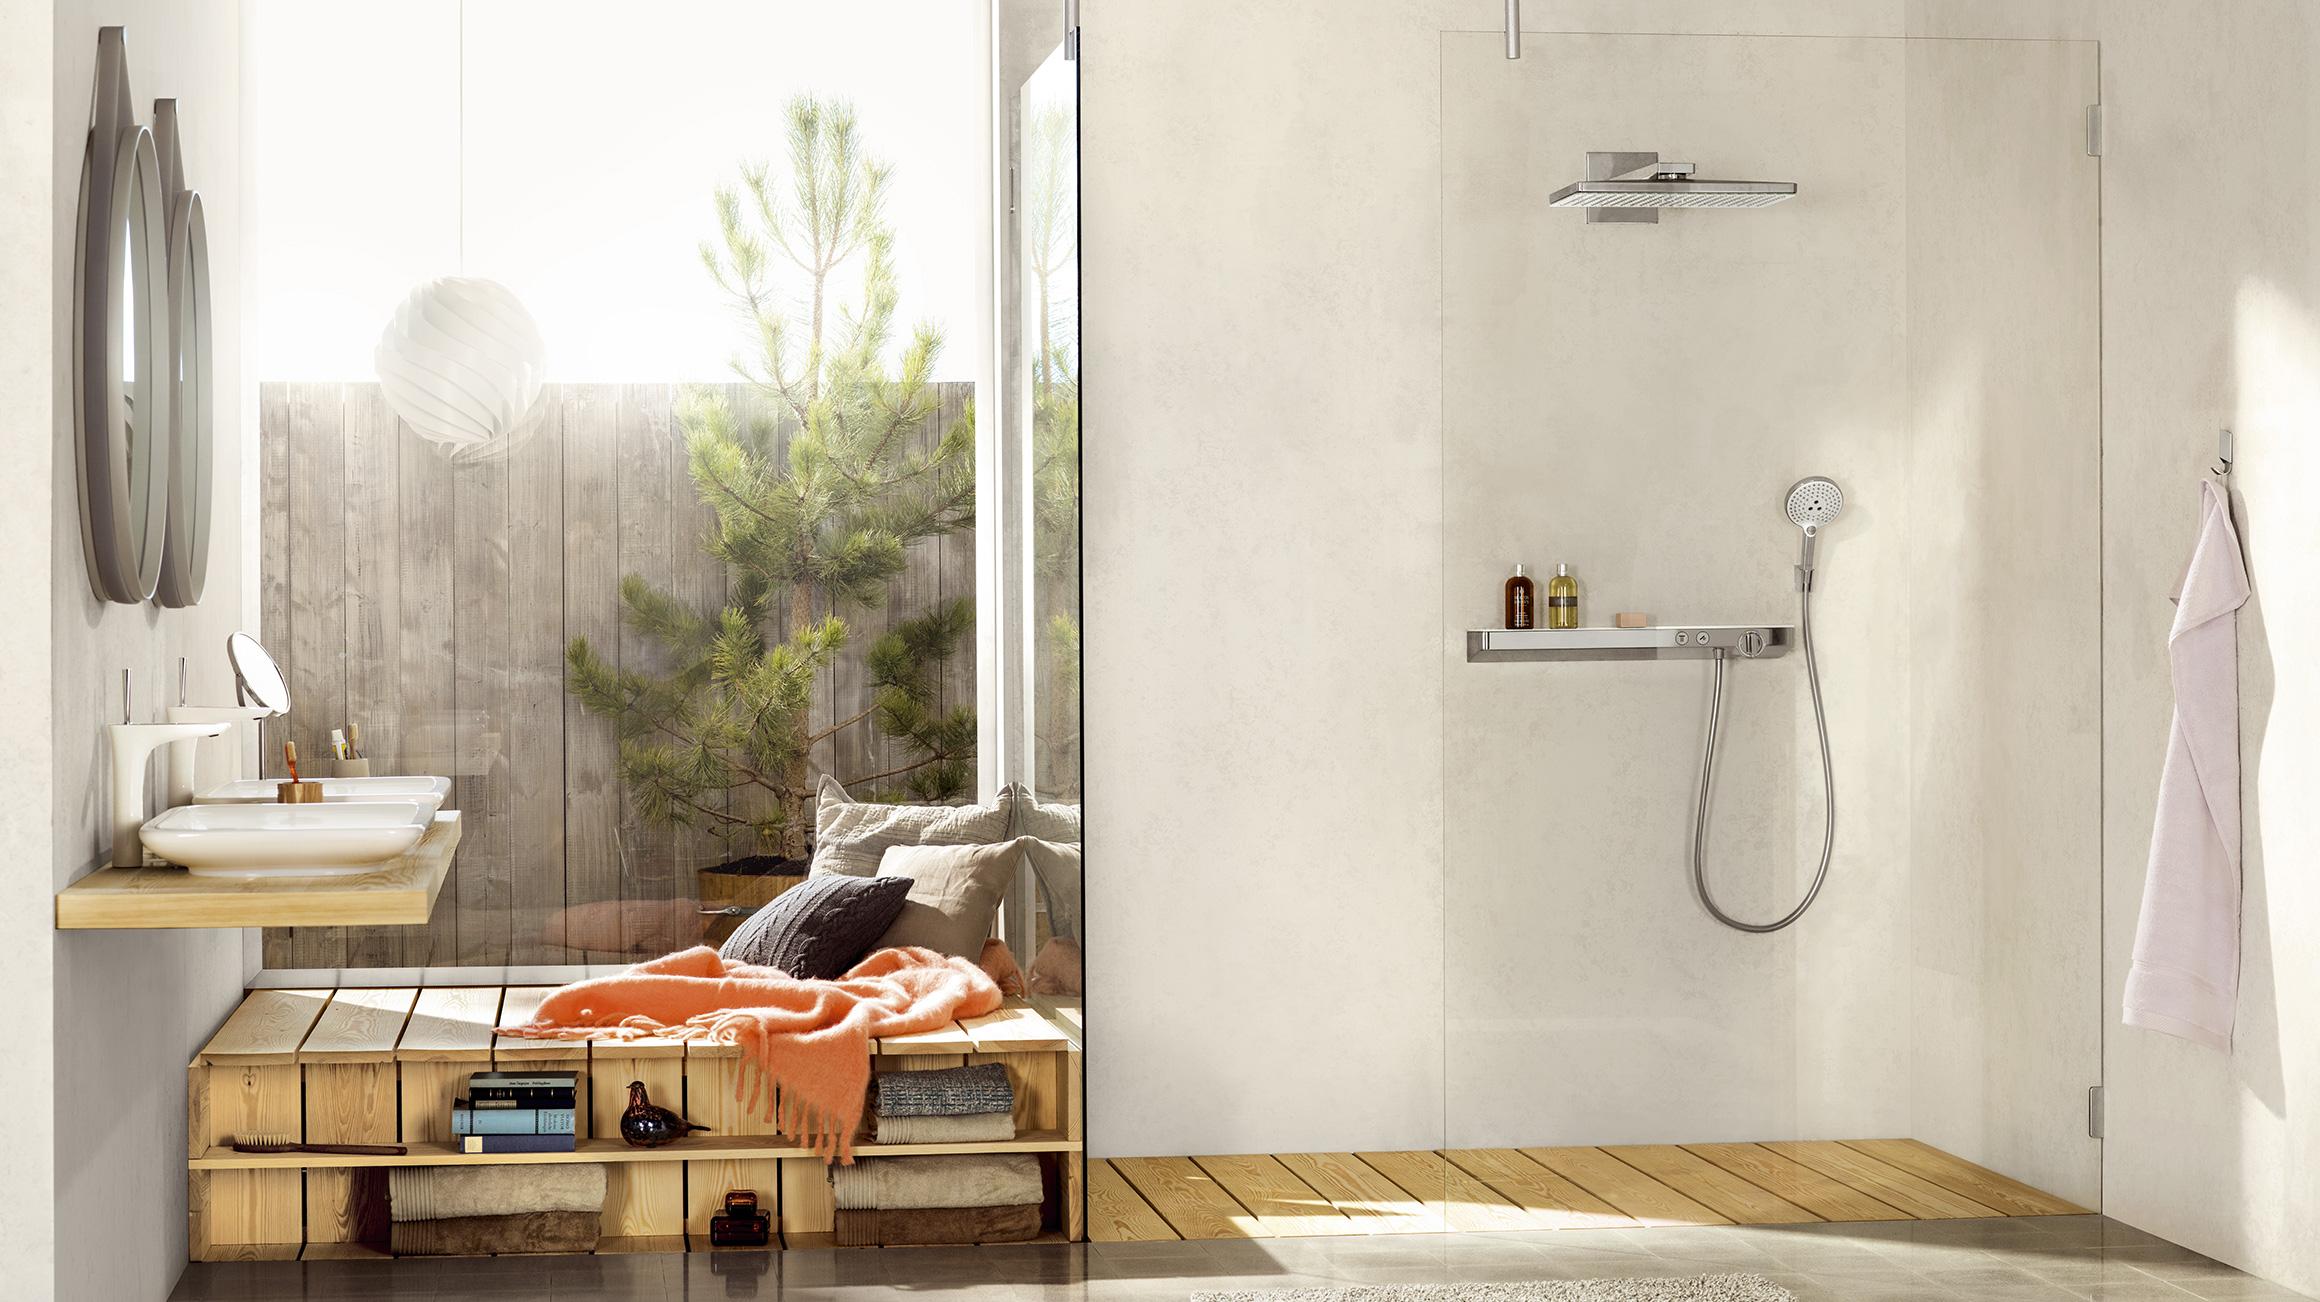 Glas Voor Badkamer : Trendy glas en transparantie in de badkamer hansgrohe be